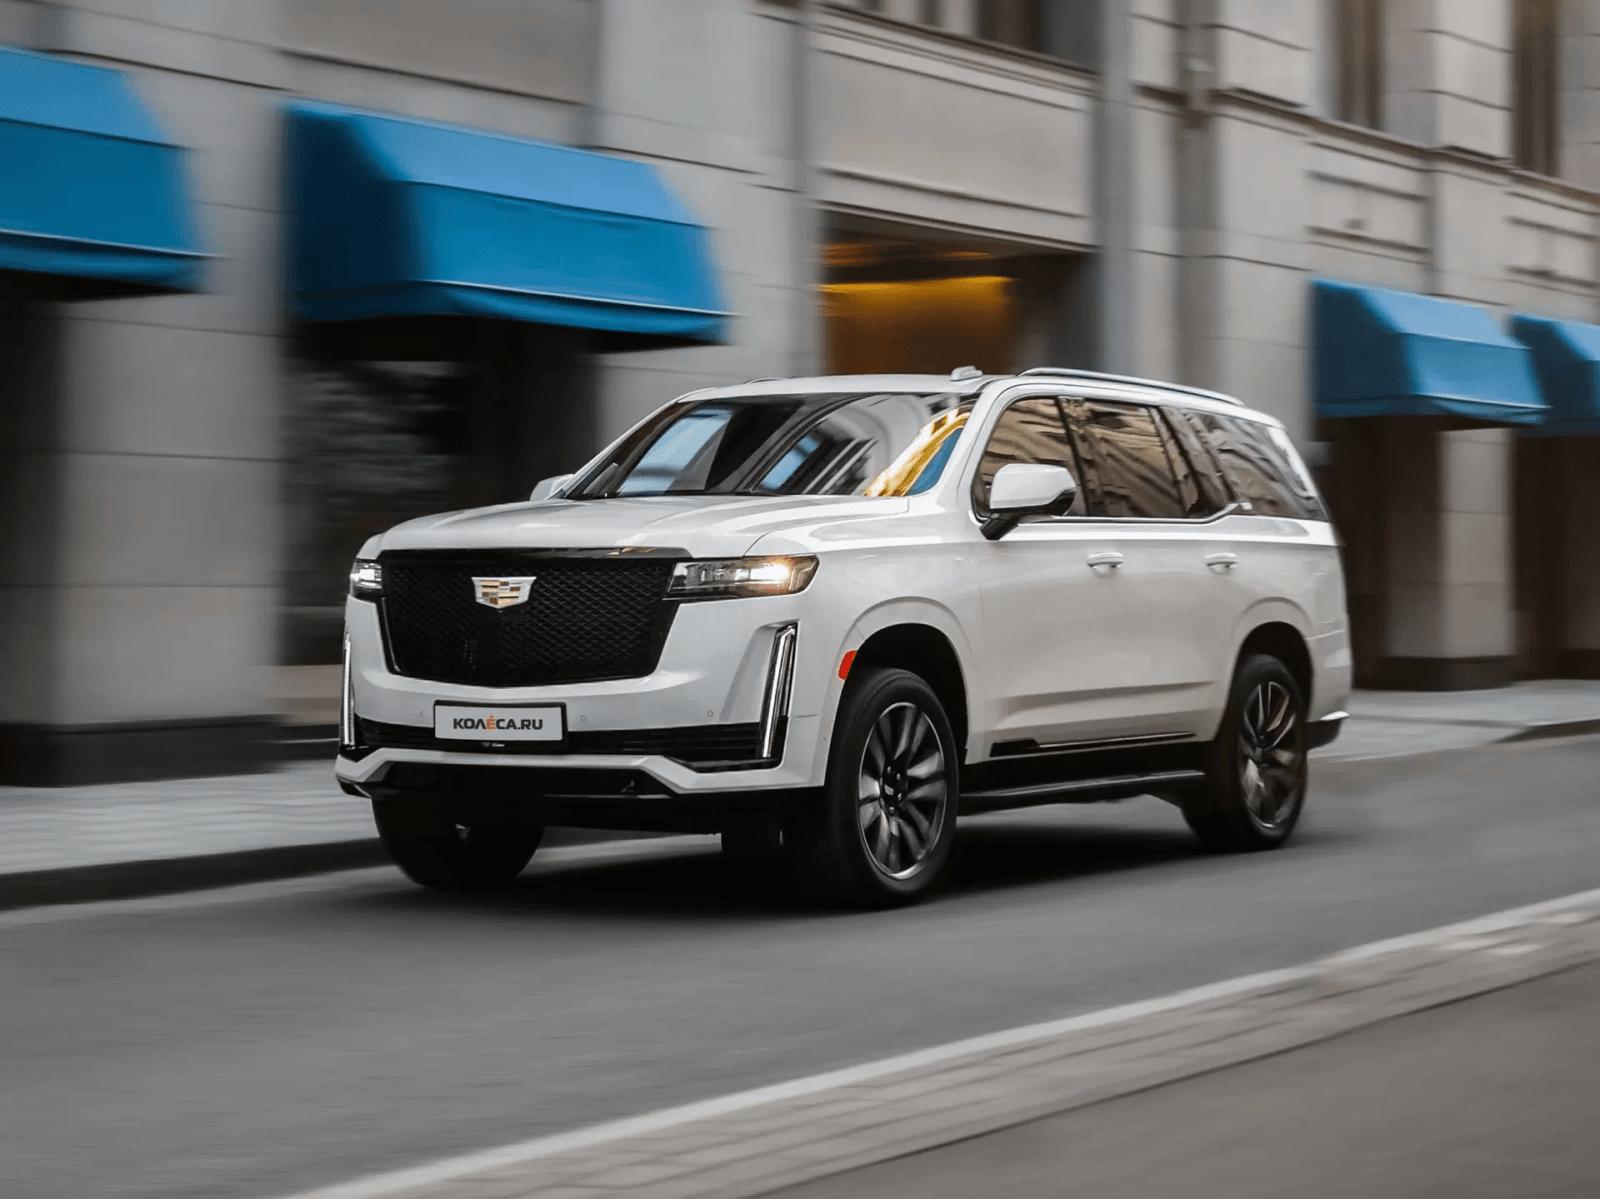 Изогнутый дисплей, 10 ступеней АКП и 6,6 секунды до 100: тест обновлённого Cadillac Escalade (8 фото + 3 видео)